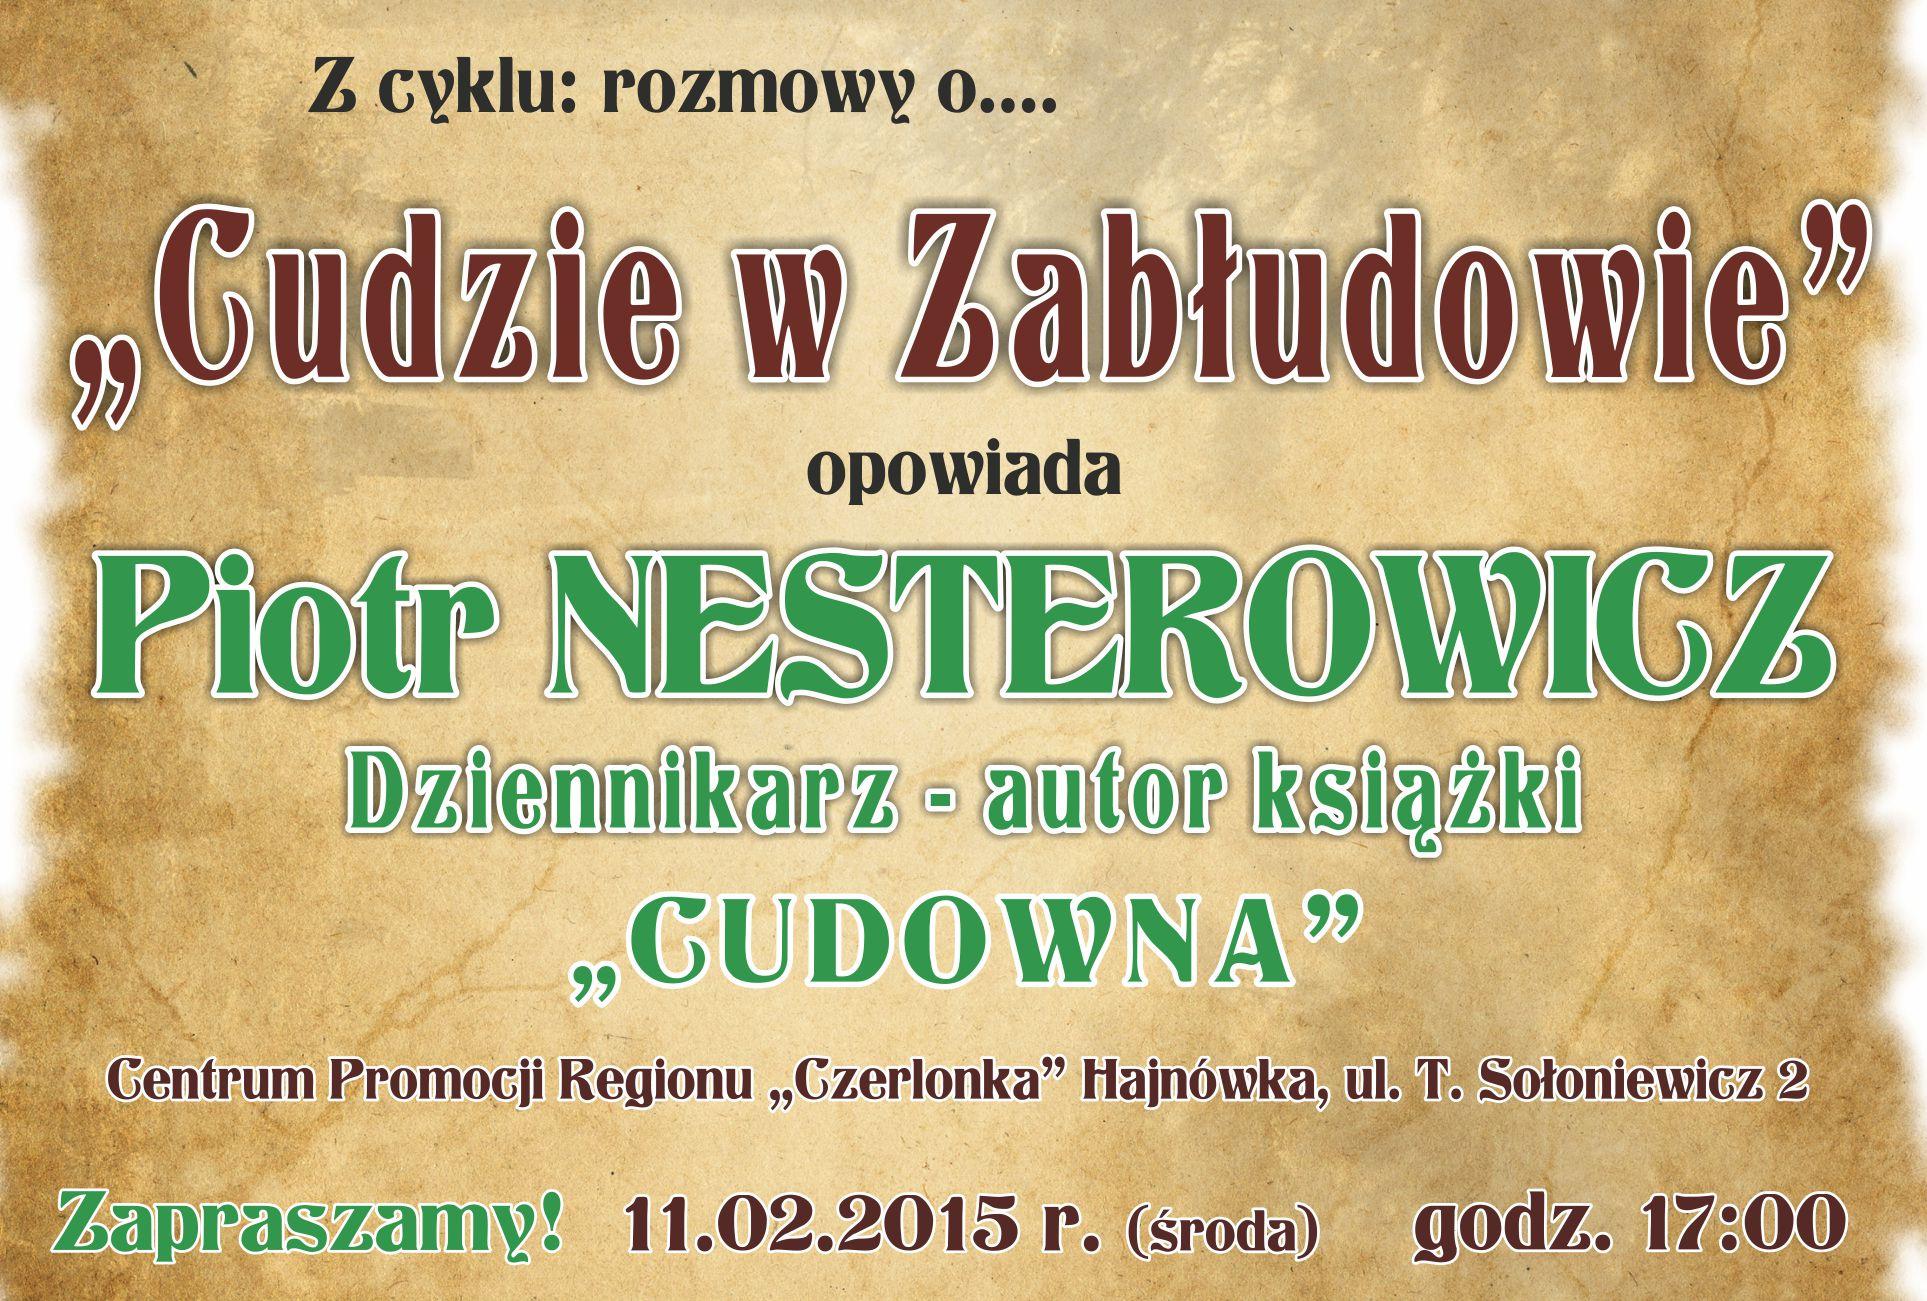 CUDOWNA-CUD W ZABŁUDOWIE- Piotr NESTEROWICZ